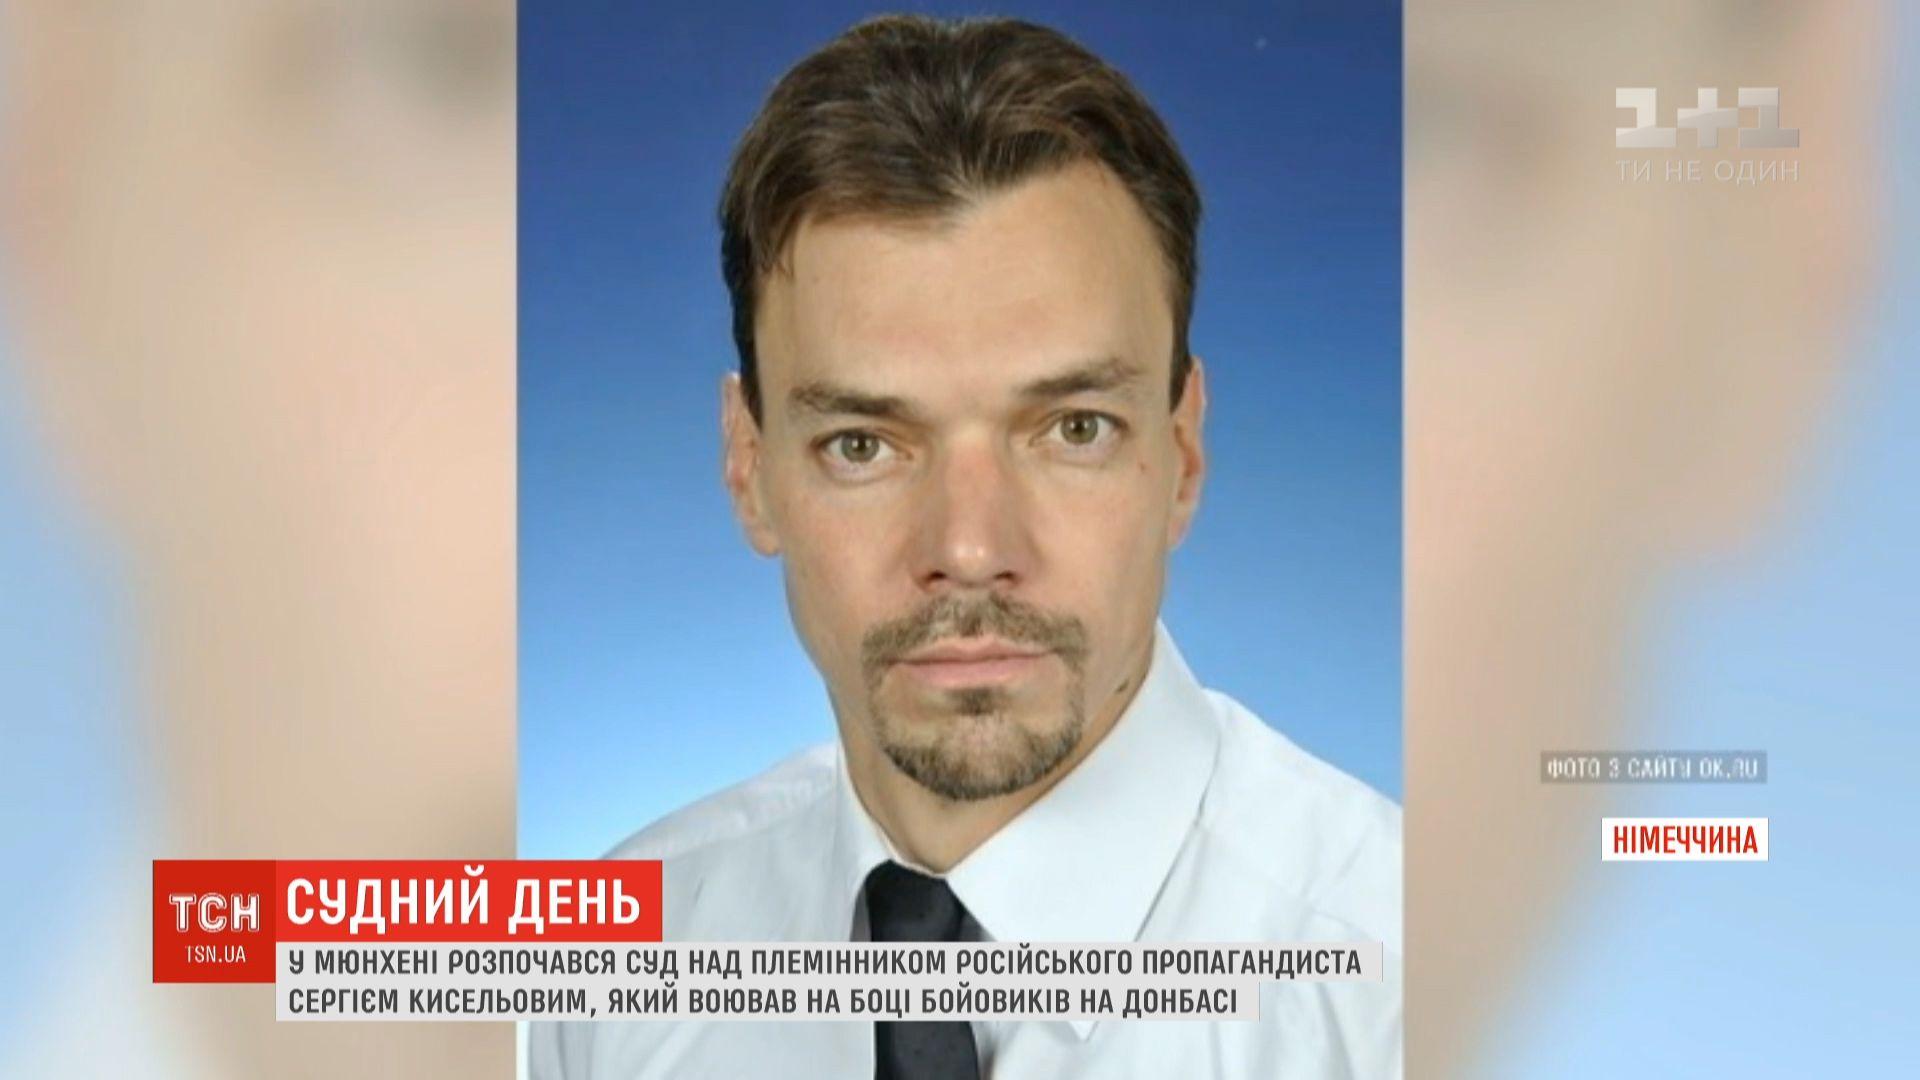 У Німеччині судять племінника російського пропагандиста Кисельова, що воював проти України на Донбасі - Цензор.НЕТ 1365